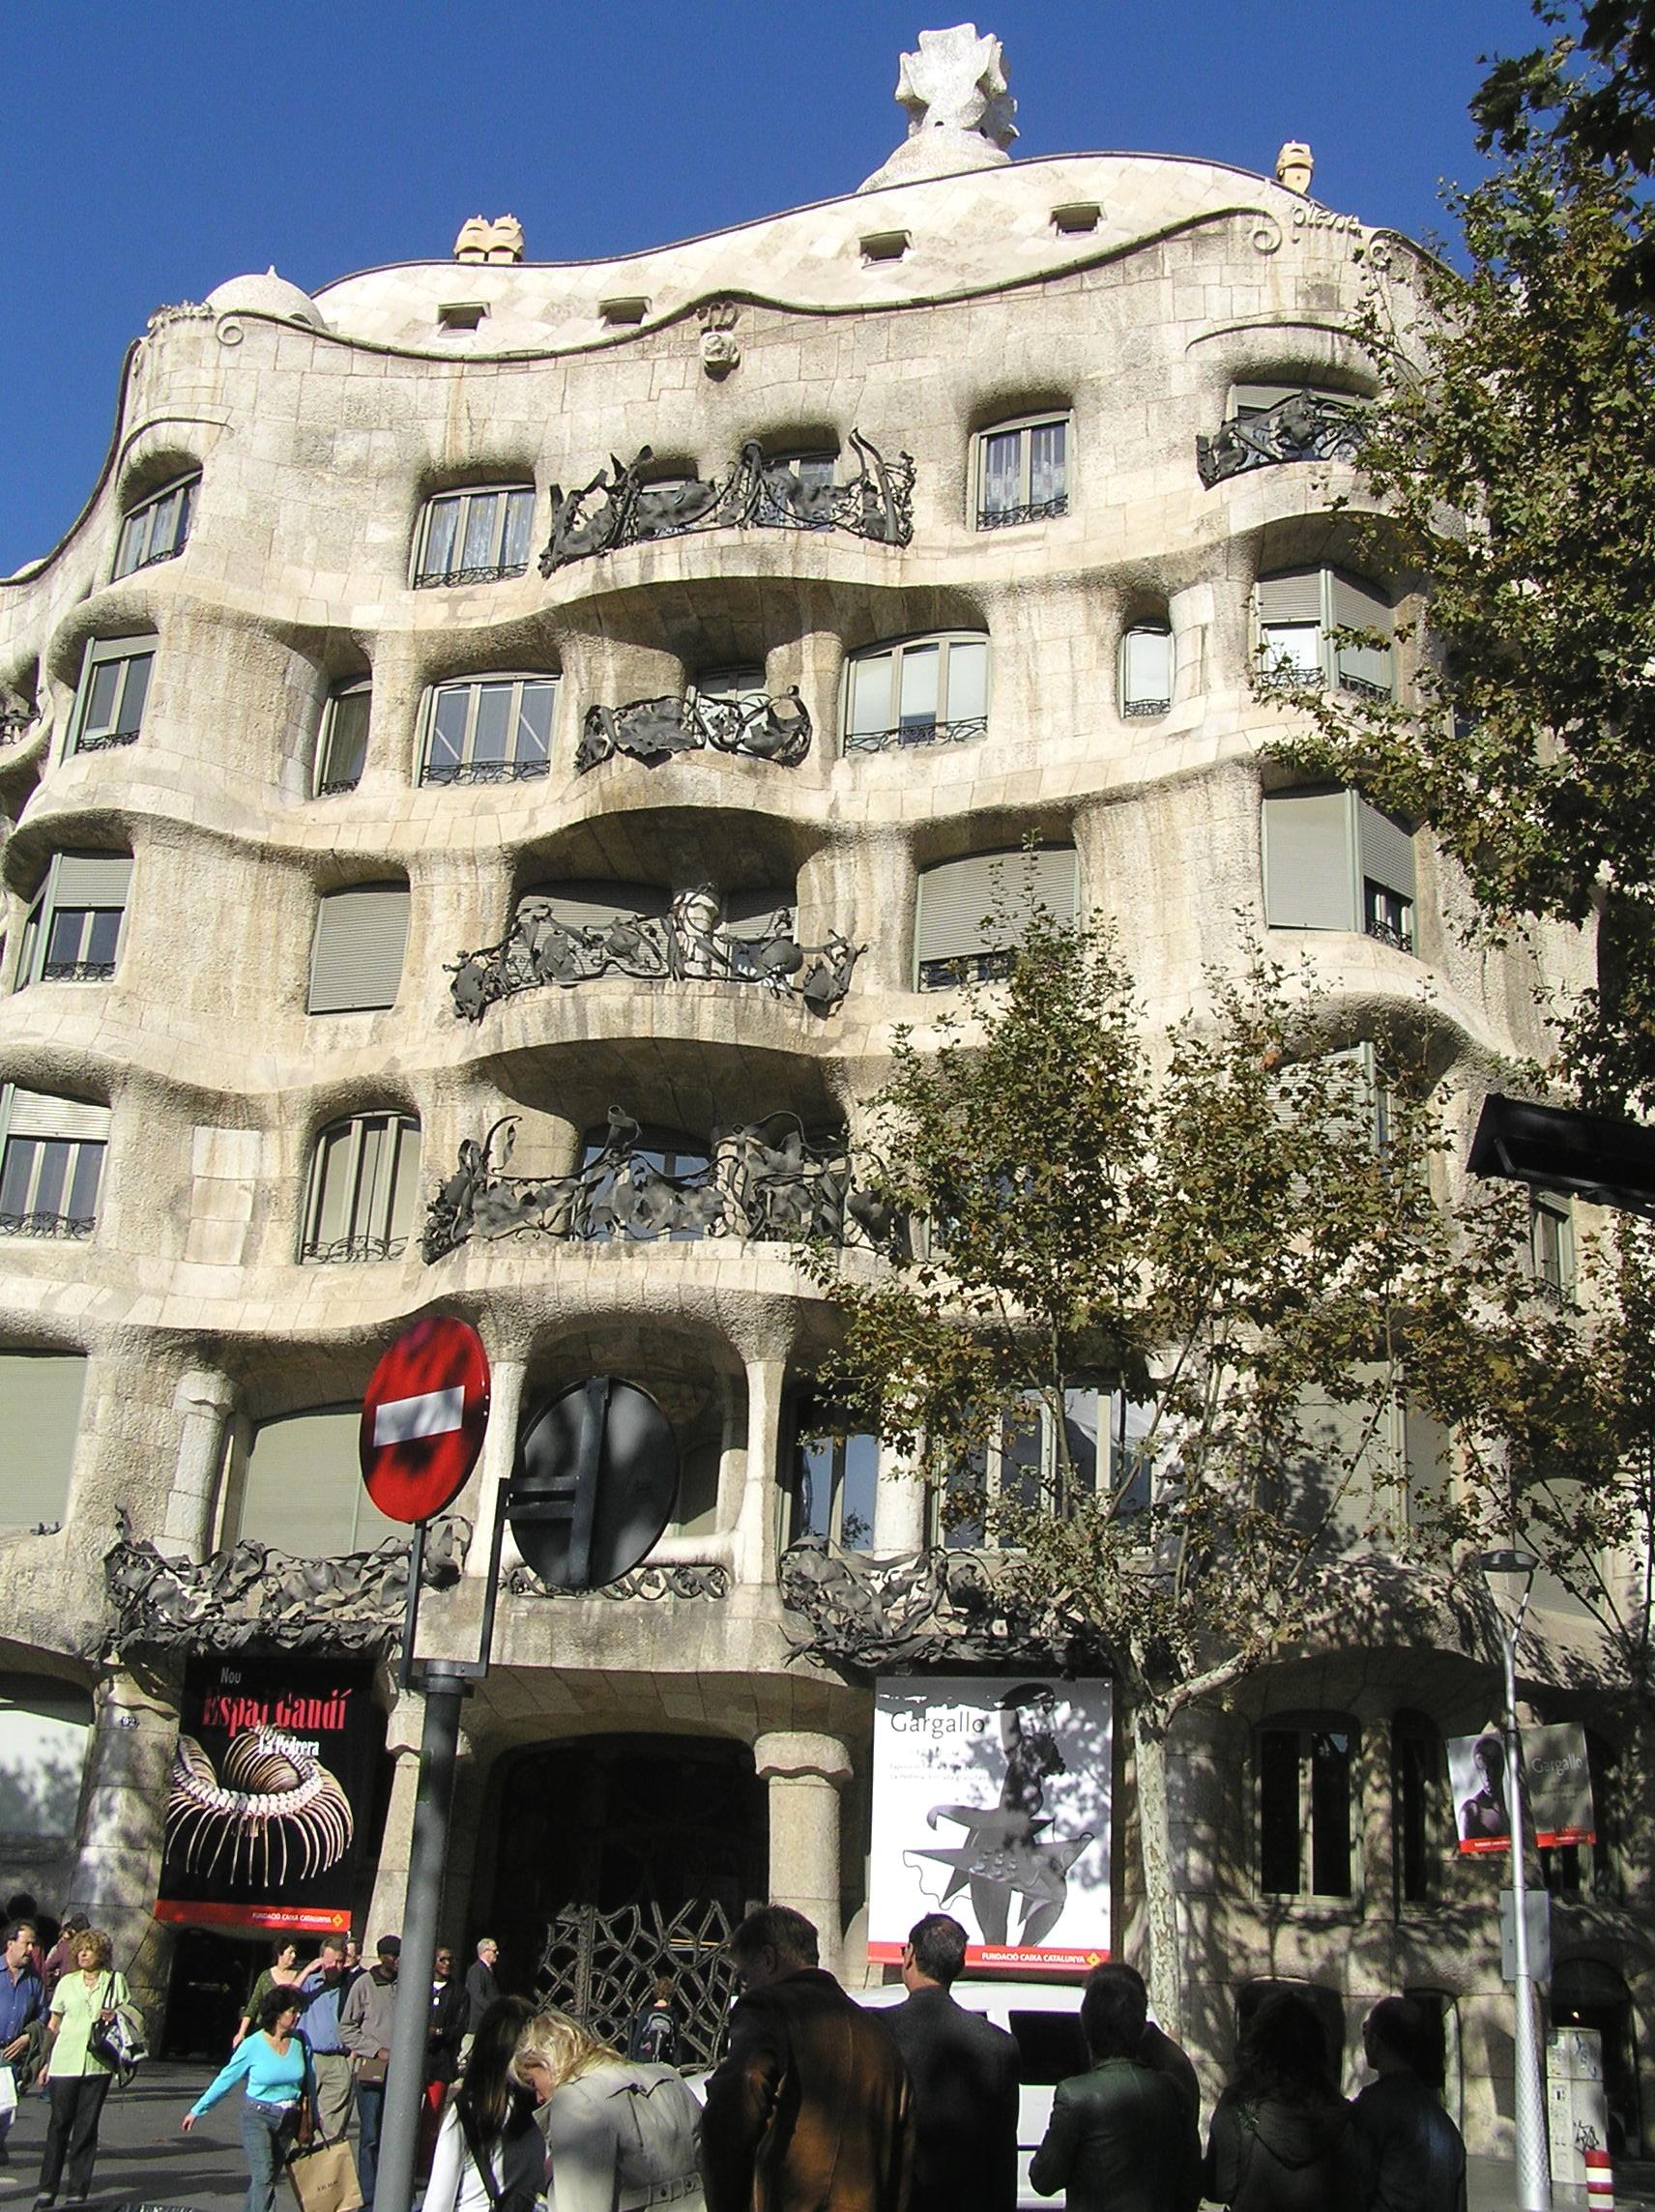 Španělsko, Barcelona, Casa Mila, průčelí